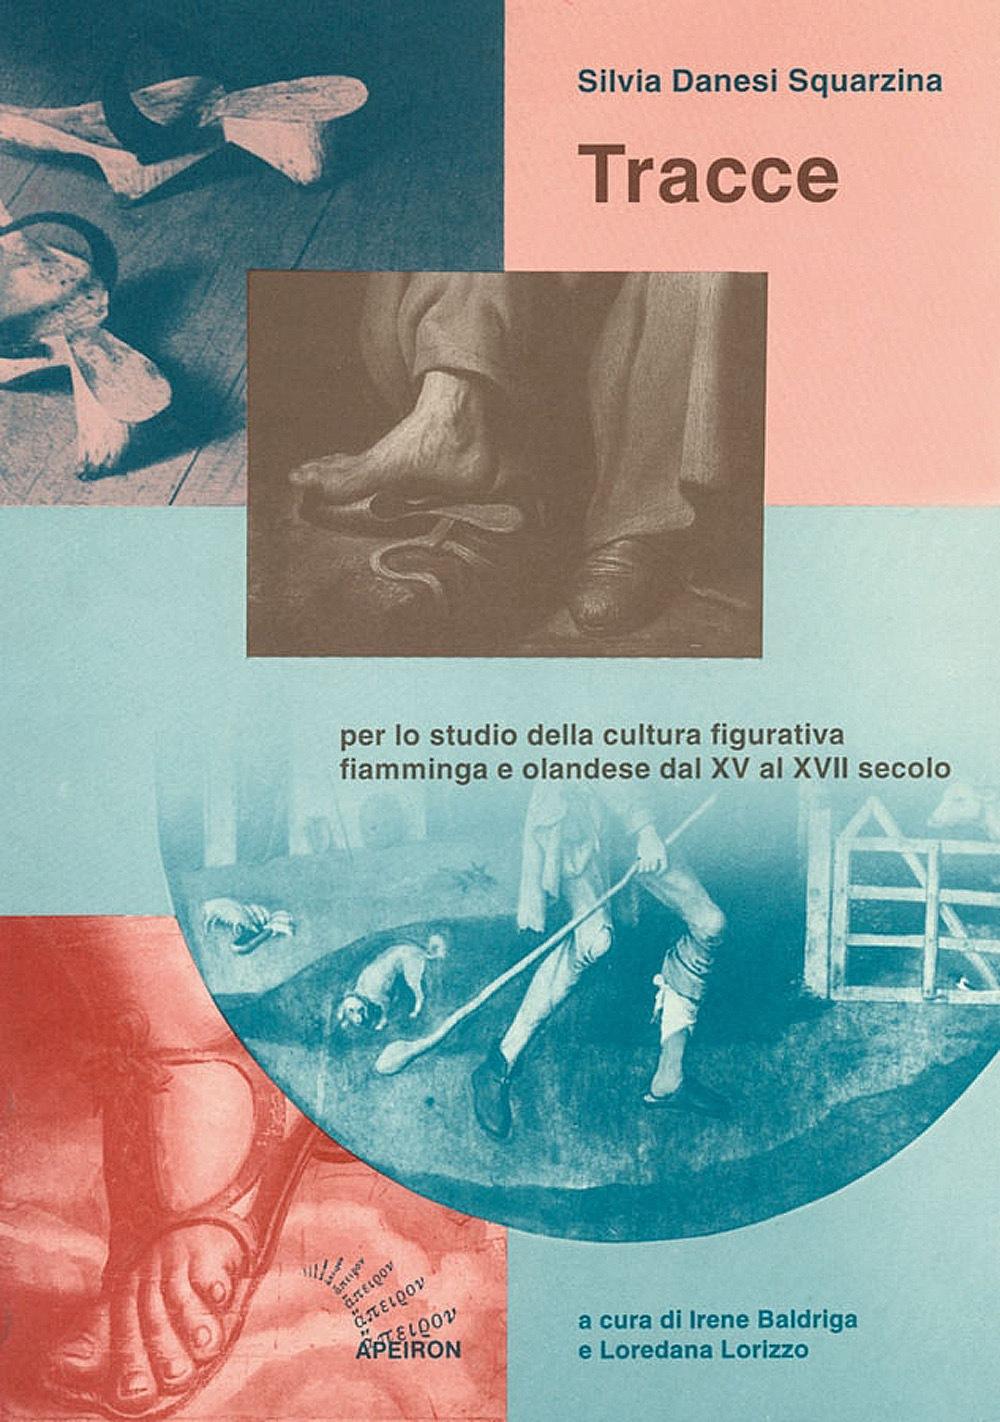 Tracce per lo studio della cultura figurativa fiamminga e olandese dal XV al XVII secolo